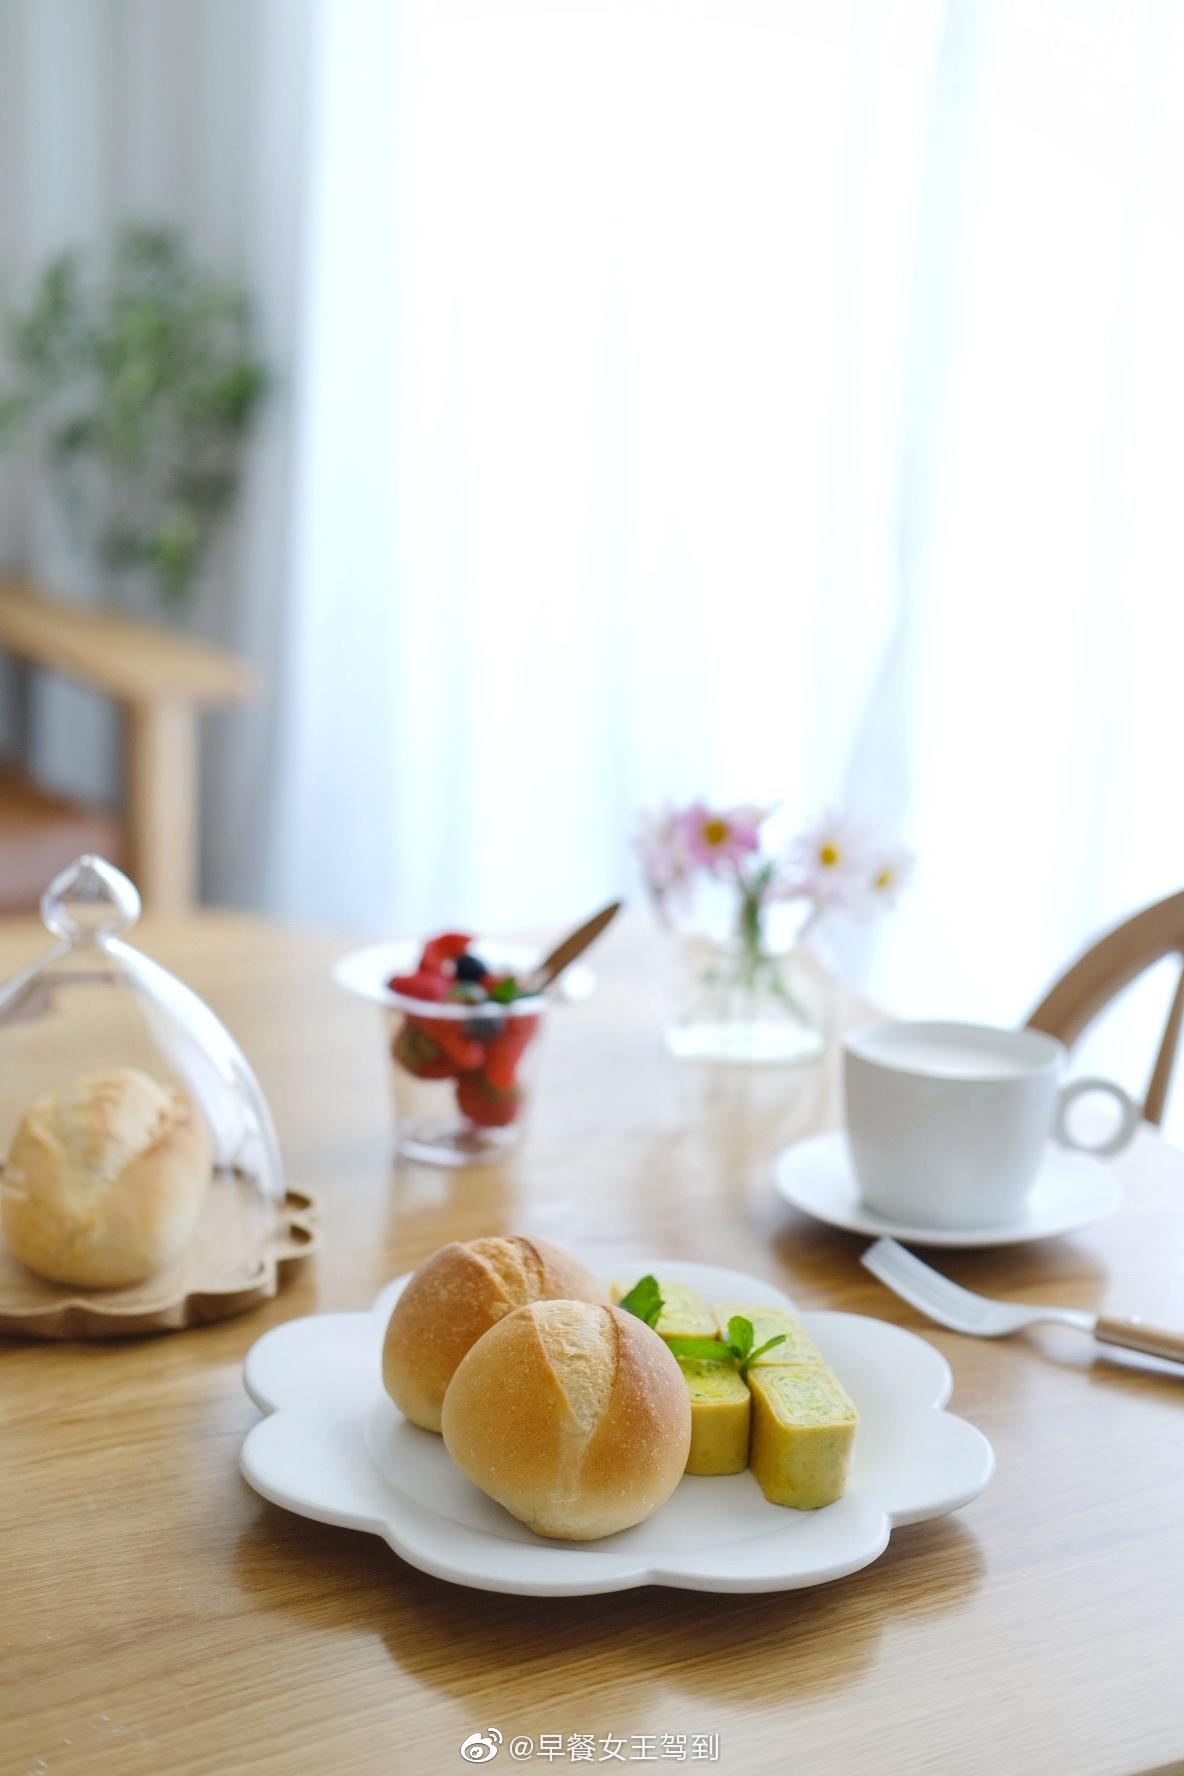 日常小餐包简单有简单的趣味只要是给生活的仪式感也能在简单中感